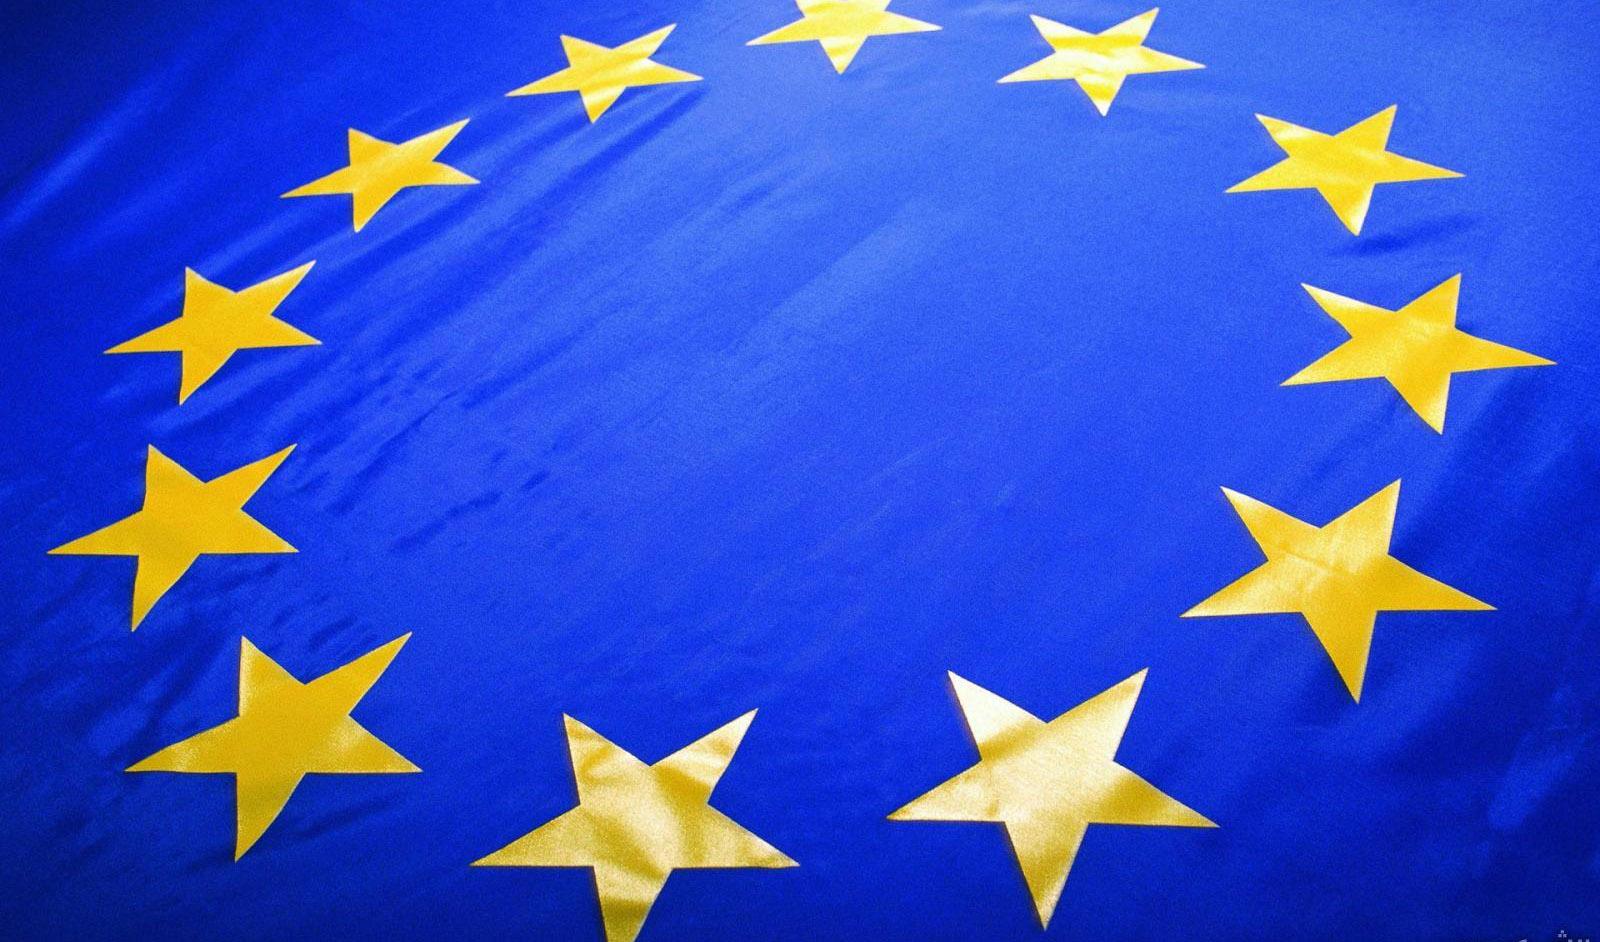 اتحادیه اروپا: انگلیس بازنده اصلی برگزیت بدون توافق خواهد بود